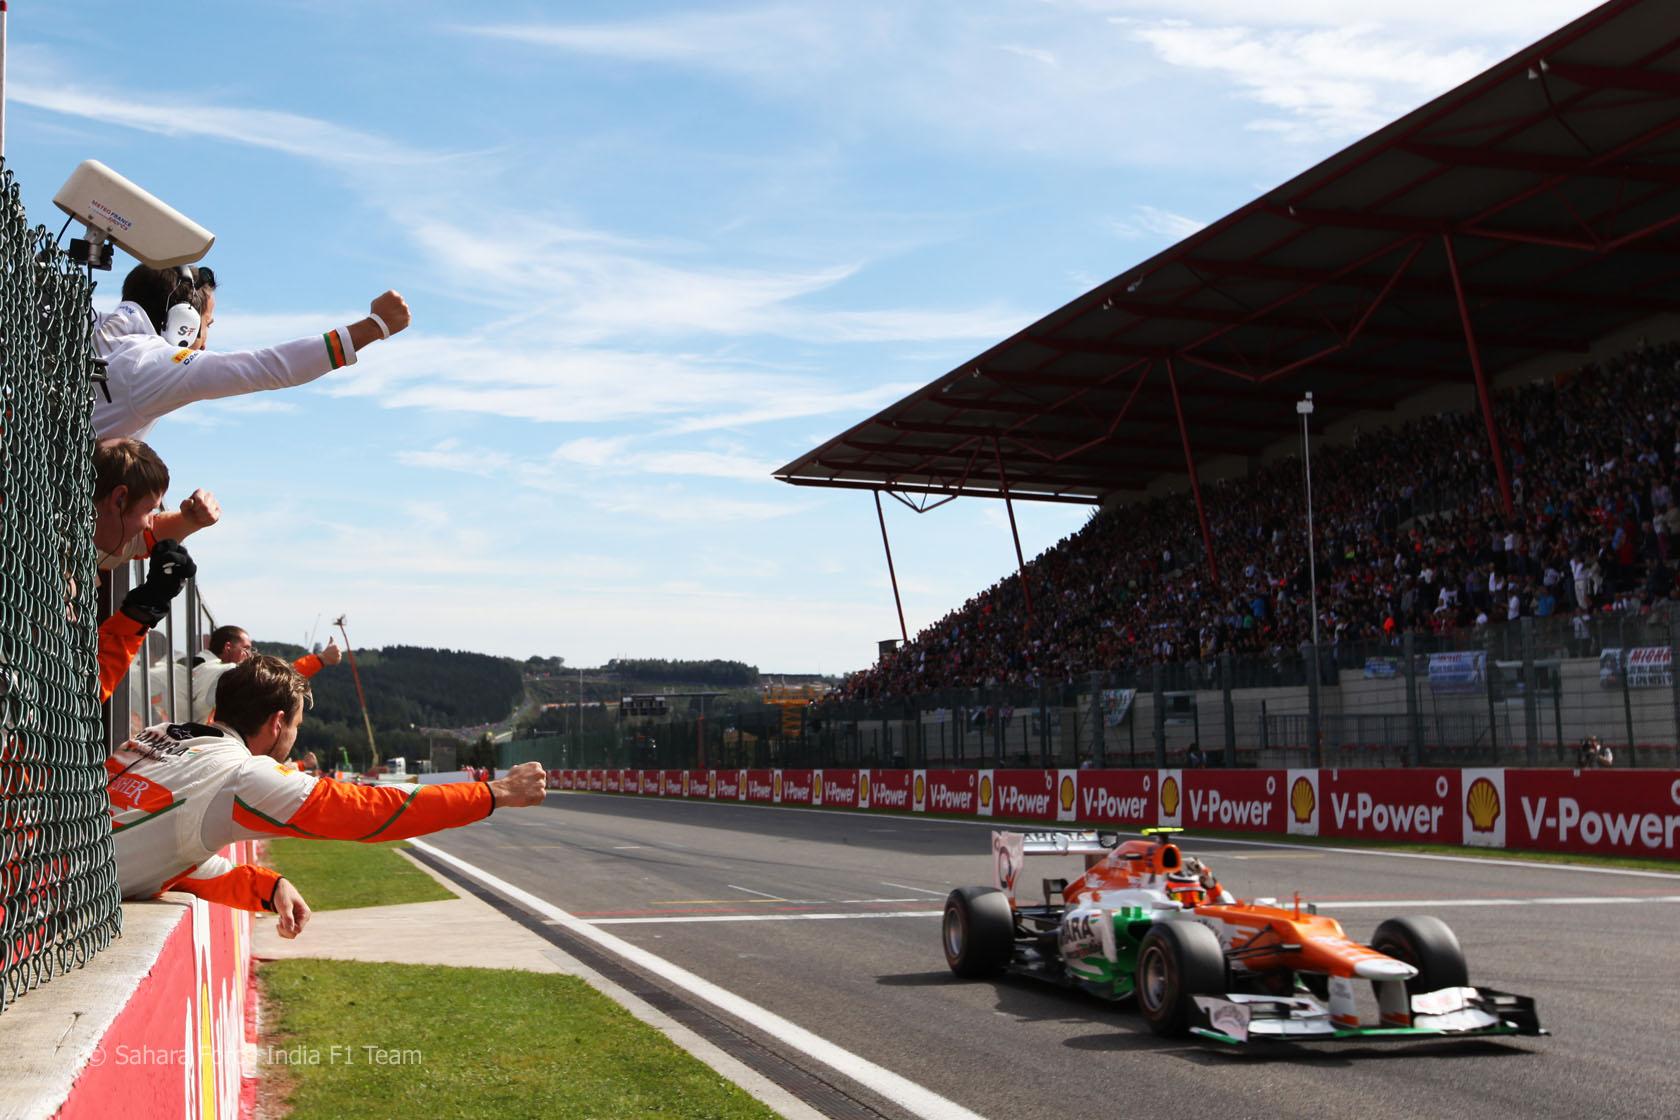 F1ベルギーGP 5の結論 : F1通信